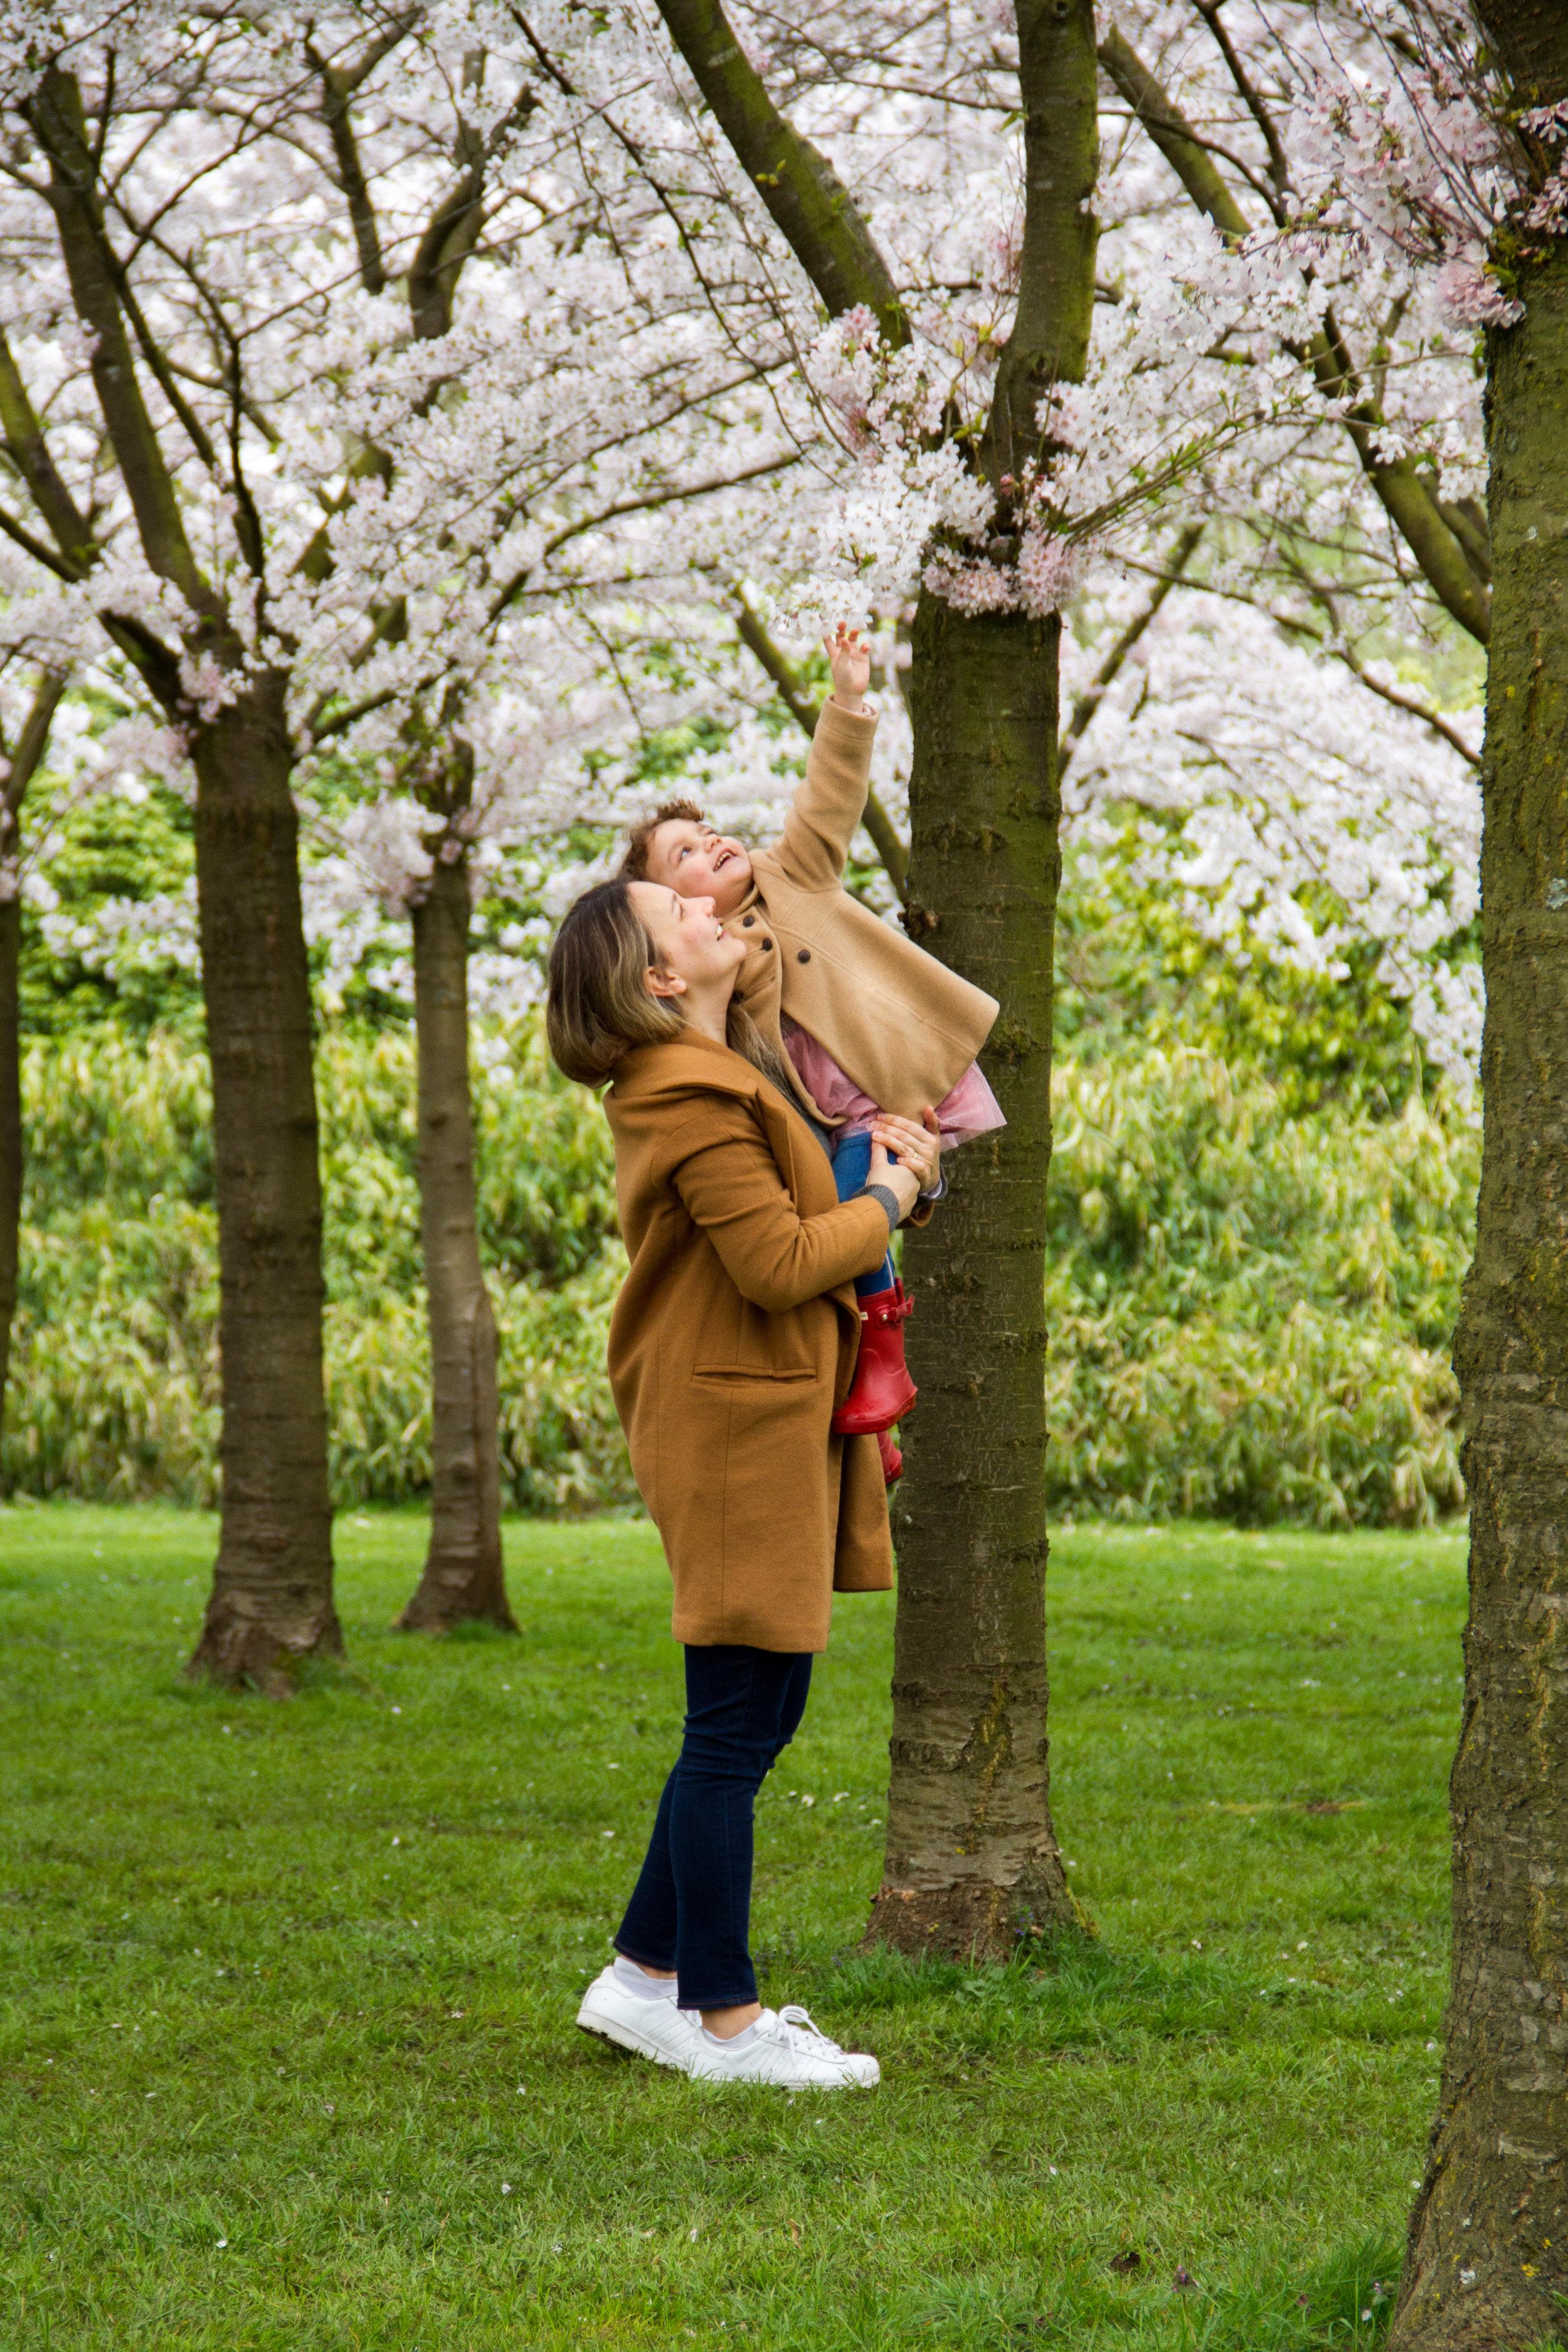 Olivia tentando levar uma lembrança do parque!